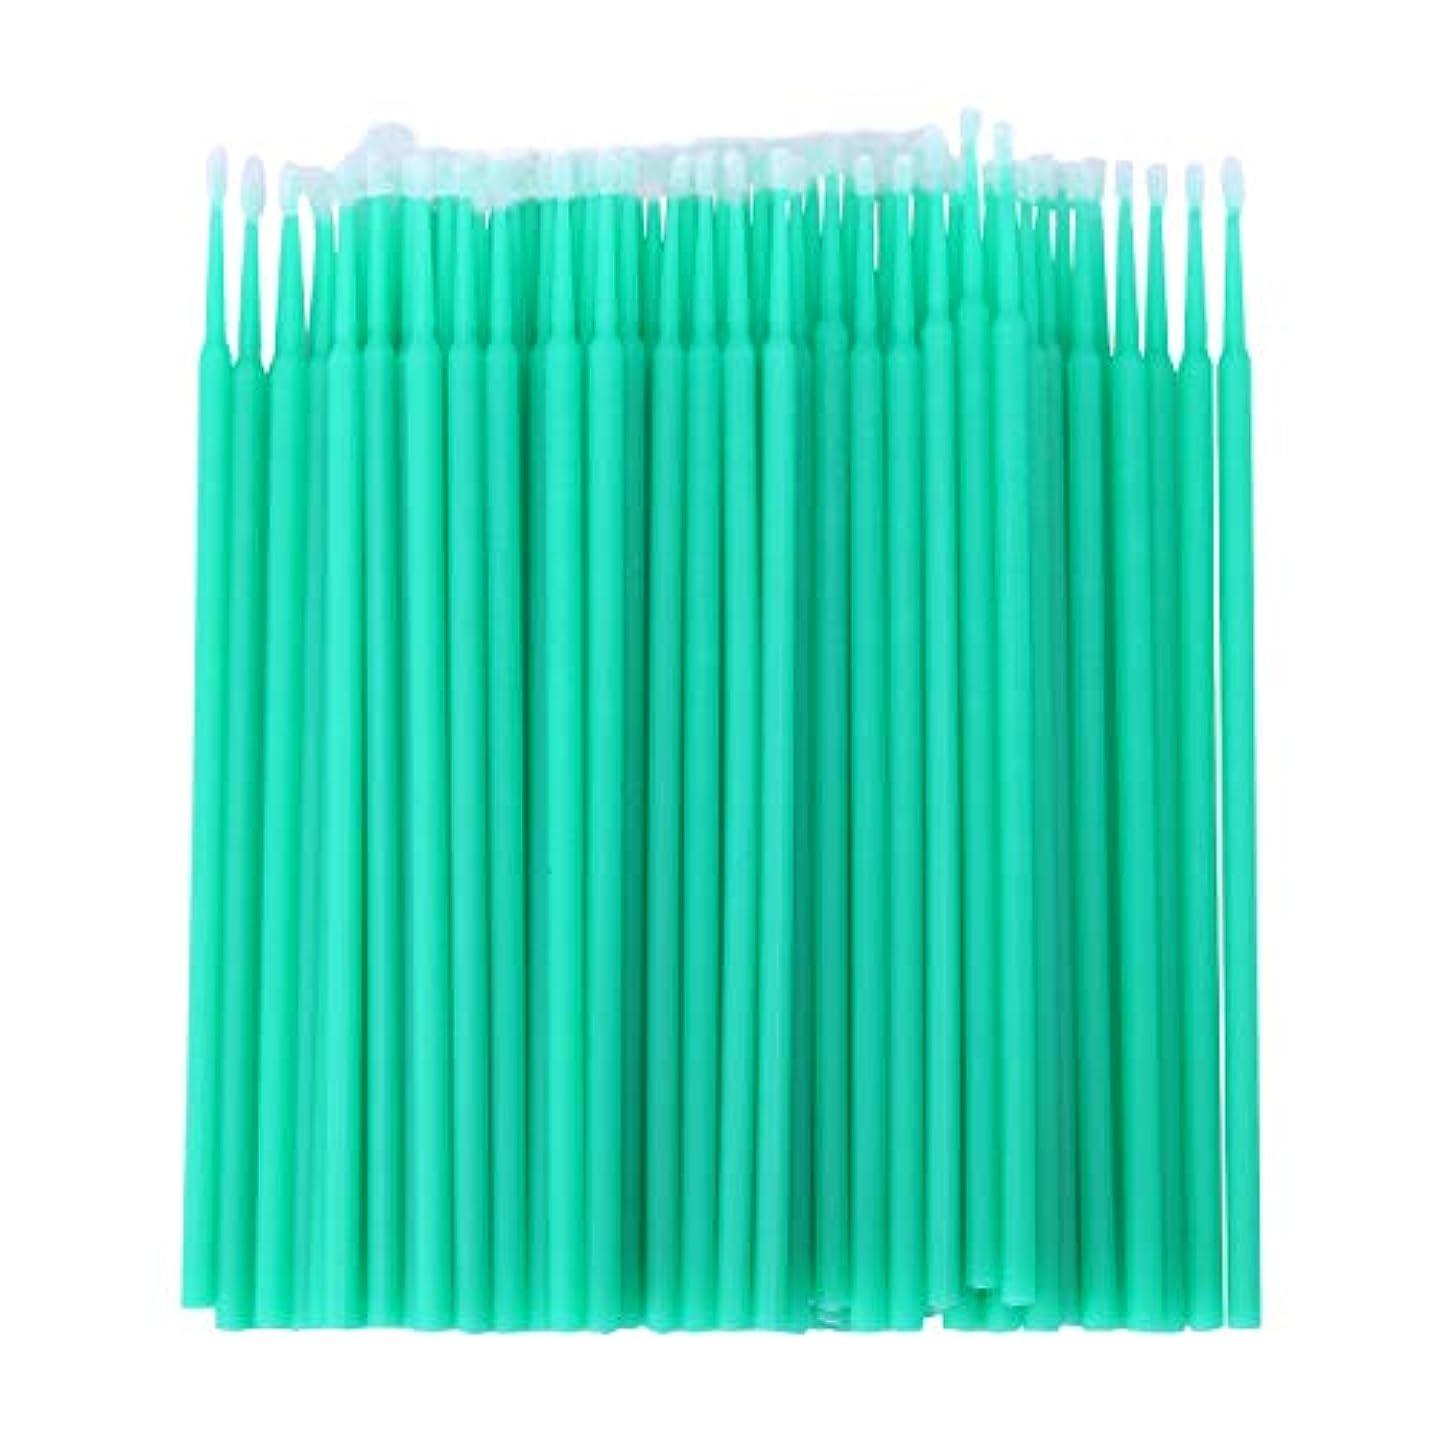 不一致経験者島WOVELOT 100個 歯科用マイクロブラシ 使い捨て材料 歯用アプリケーター ミディアムファイン(ライトグリーン)